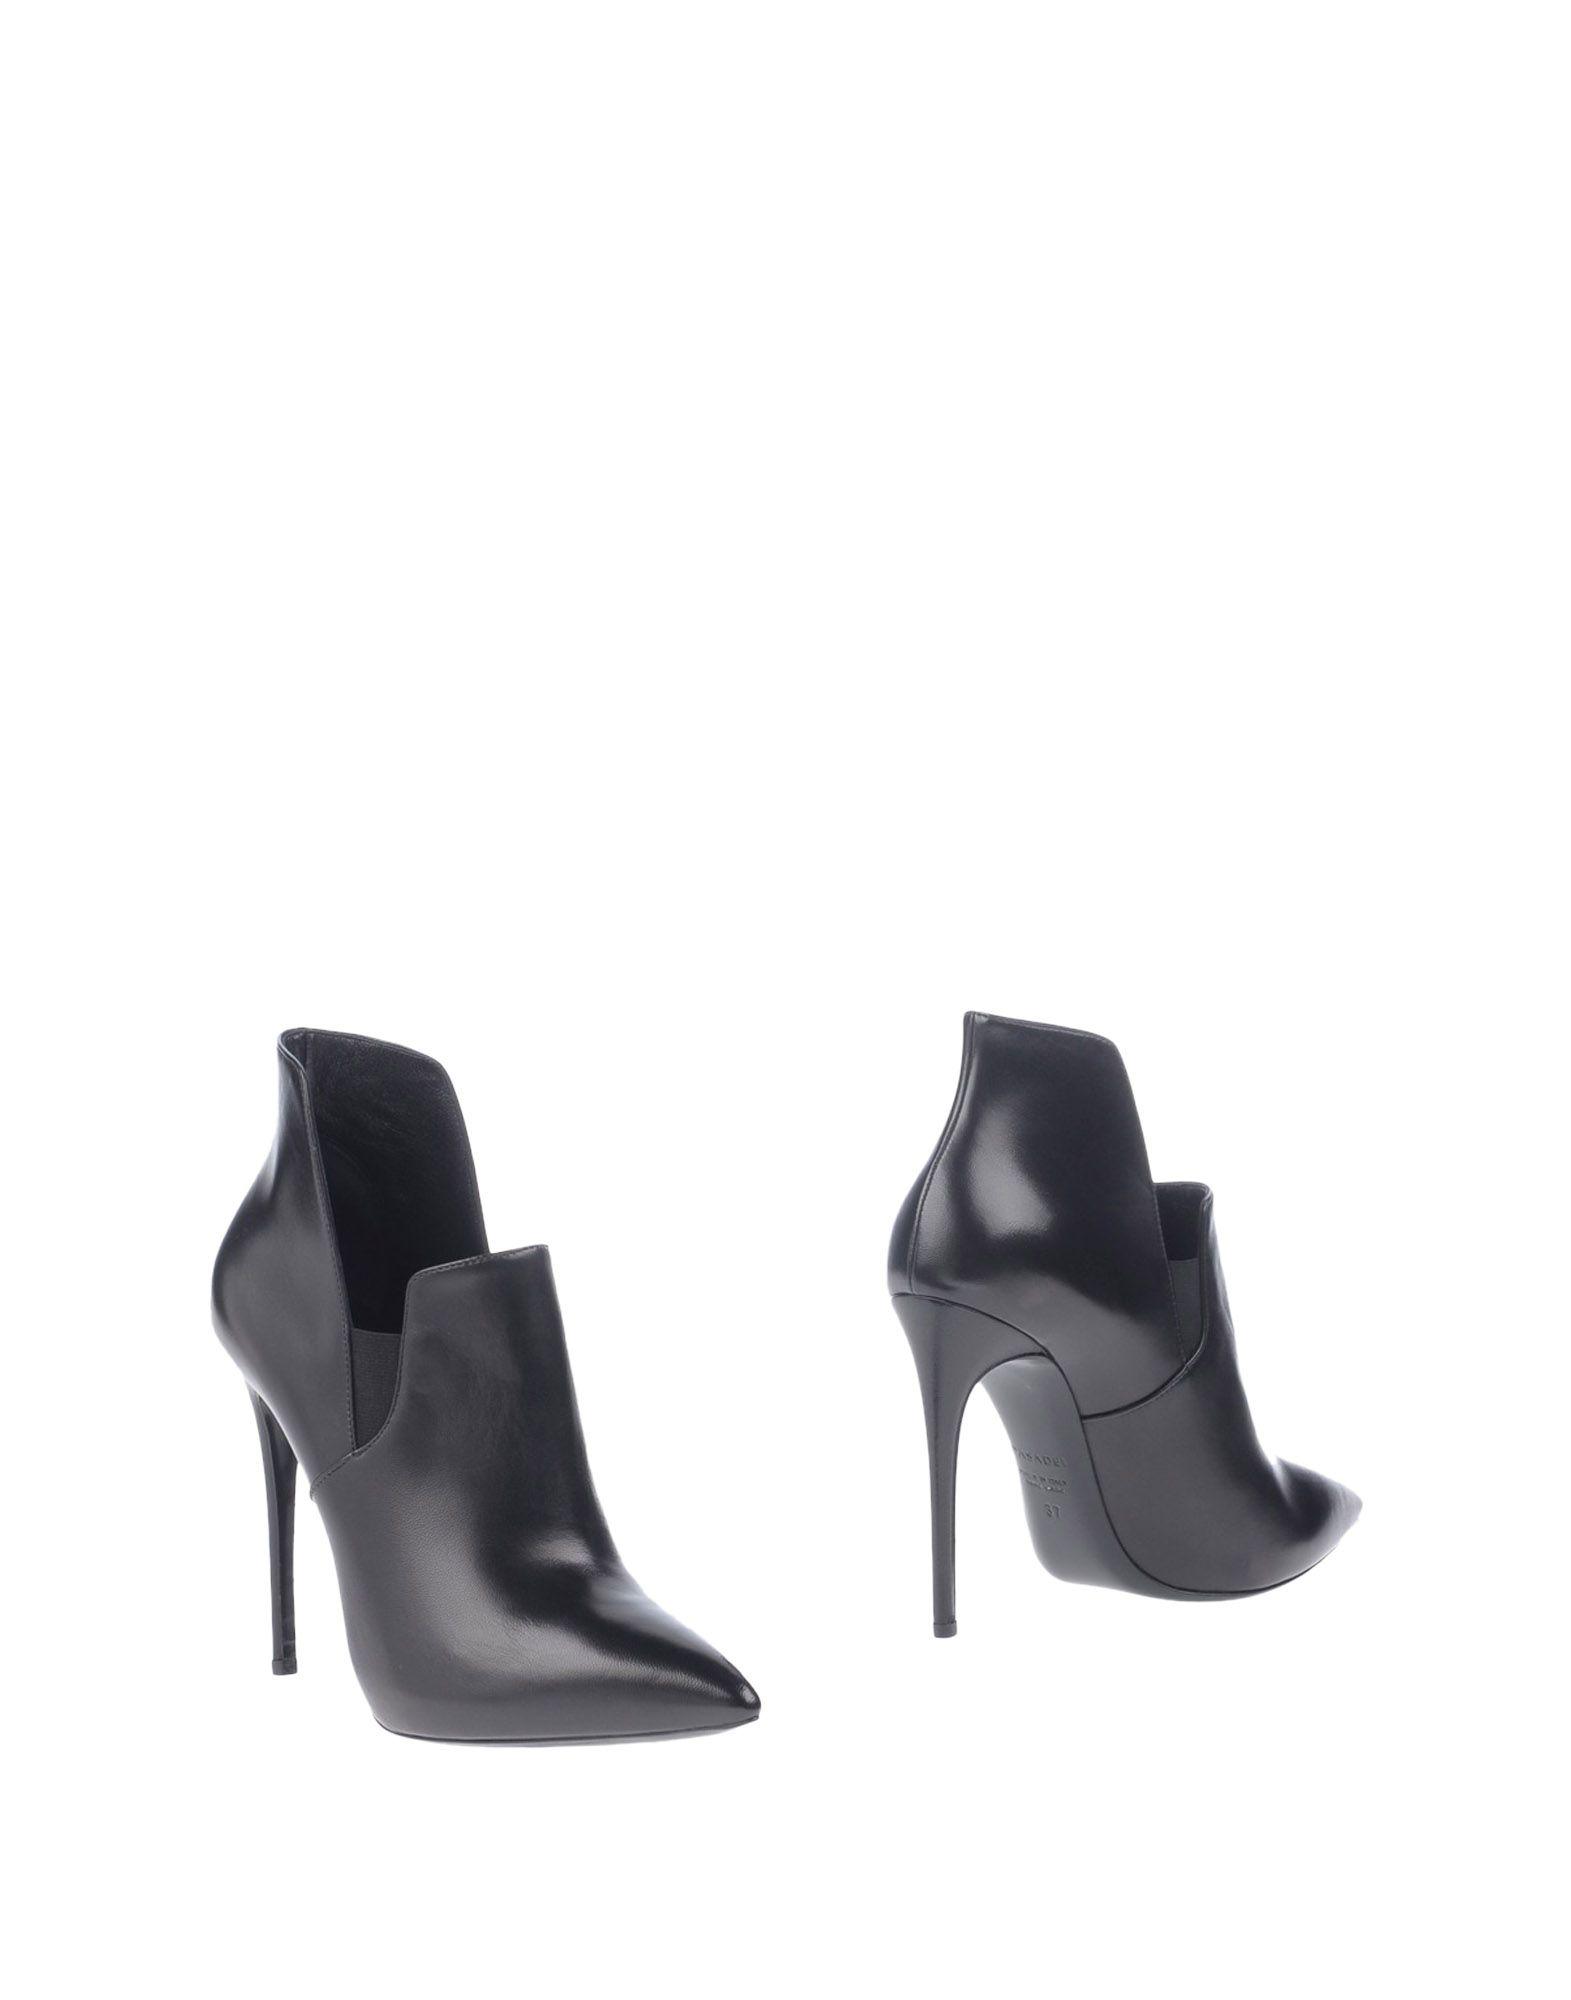 Bottine Casadei Femme - Bottines Casadei Noir Nouvelles chaussures remise pour hommes et femmes, remise chaussures limitée dans le temps 55cbb9